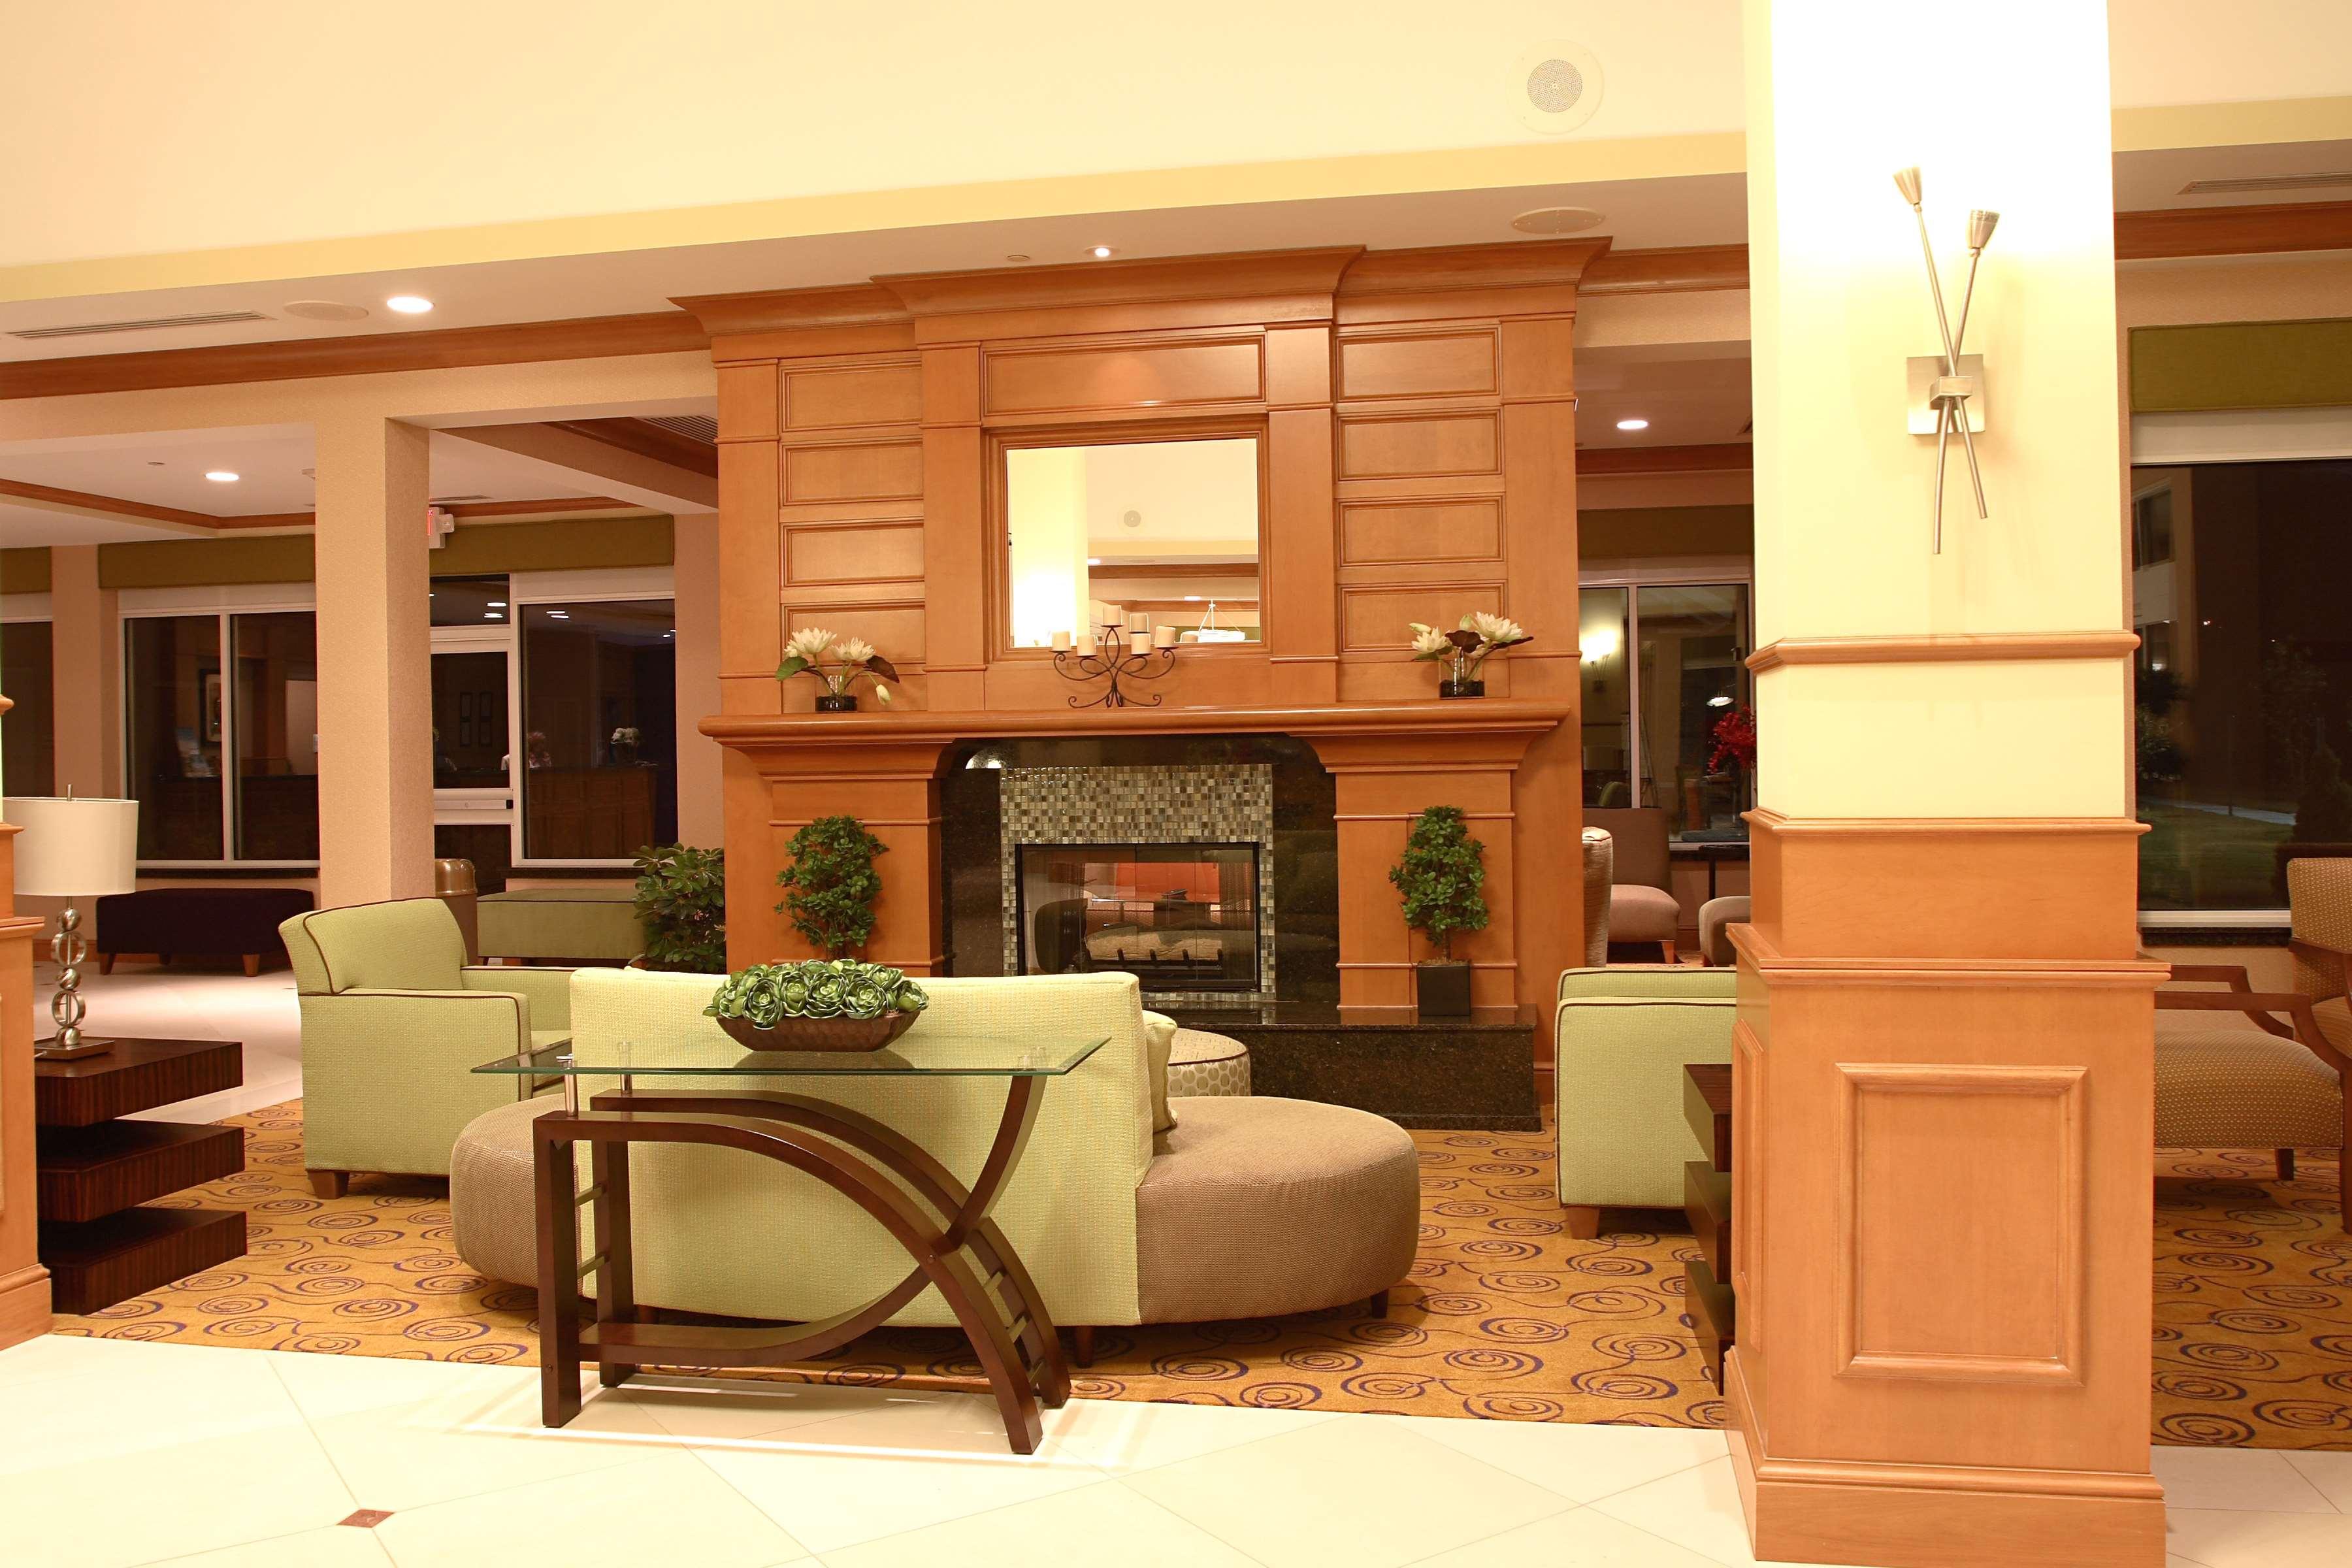 Hilton Garden Inn Chesapeake Suffolk 5921 Harbour View Blvd Suffolk Va Hotels Motels Mapquest